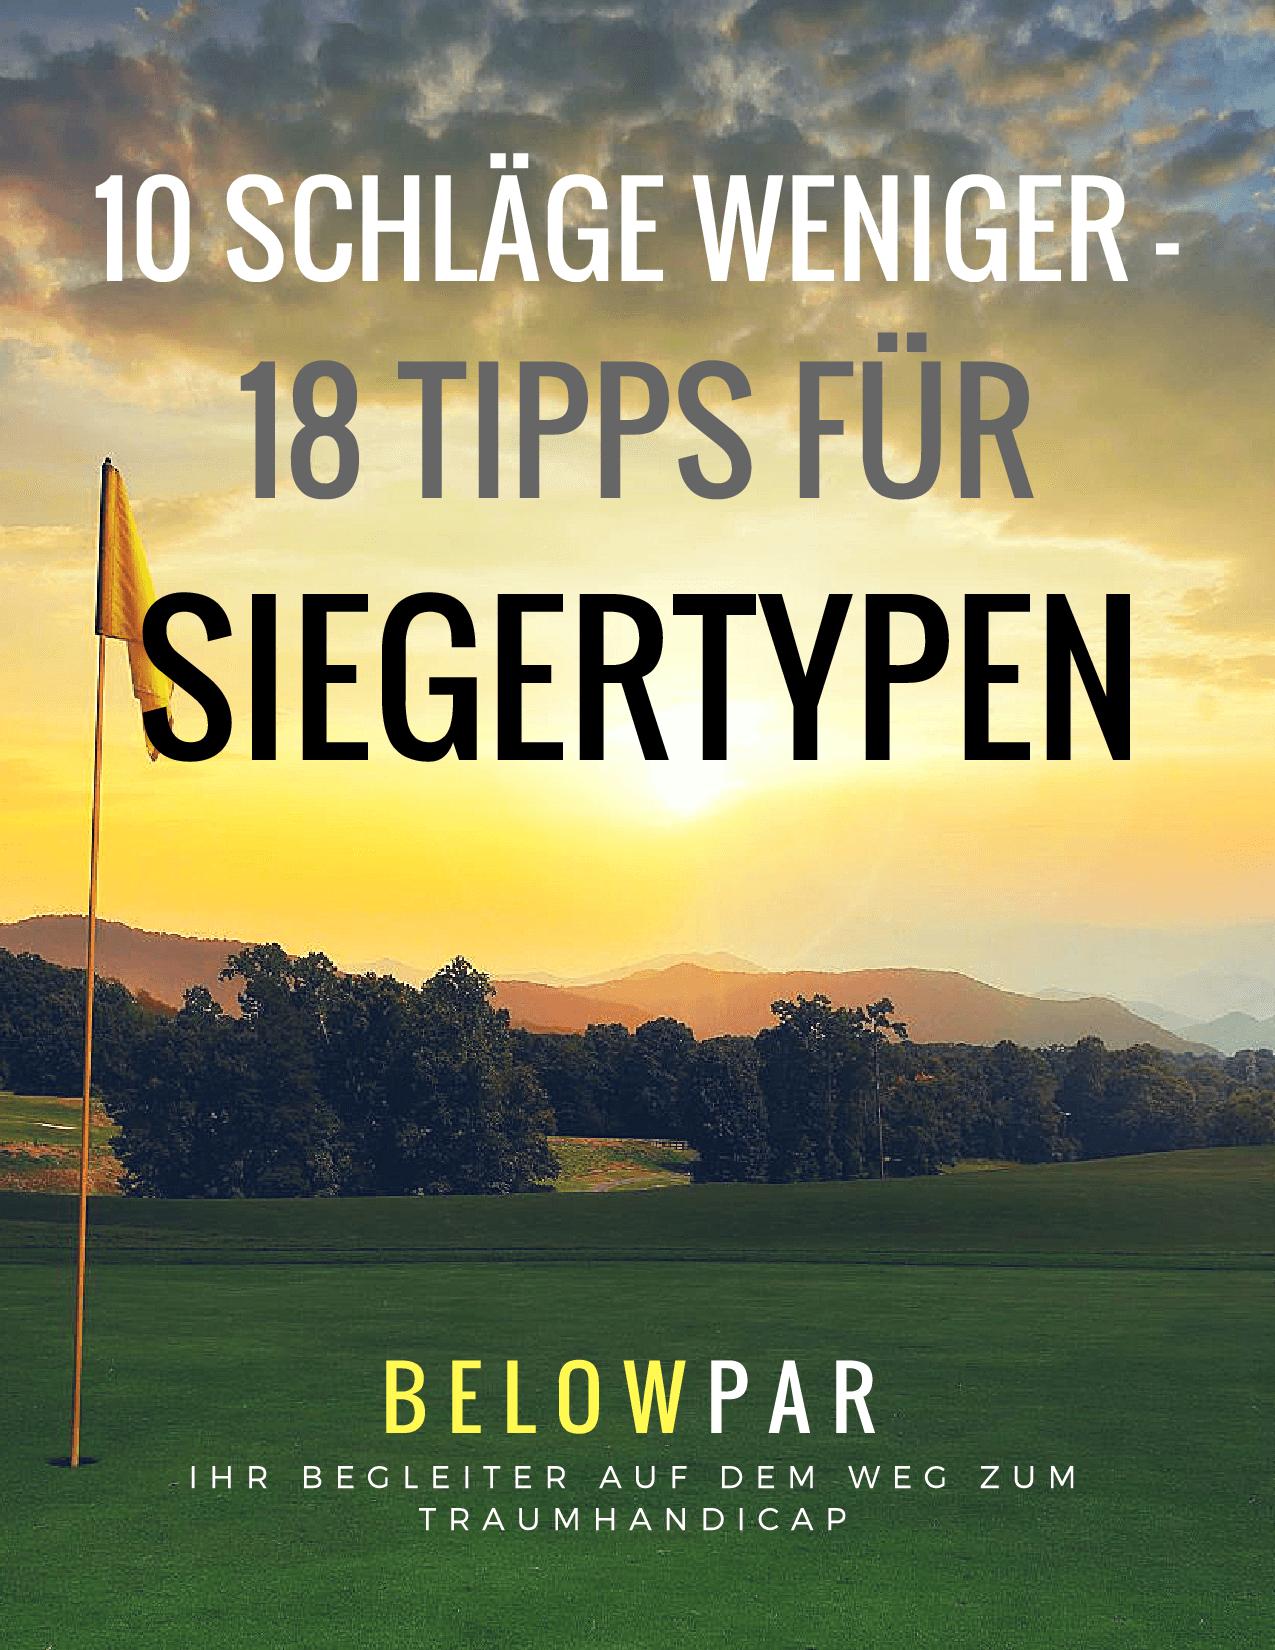 10 Schläge weniger Golfbuch BelowPar